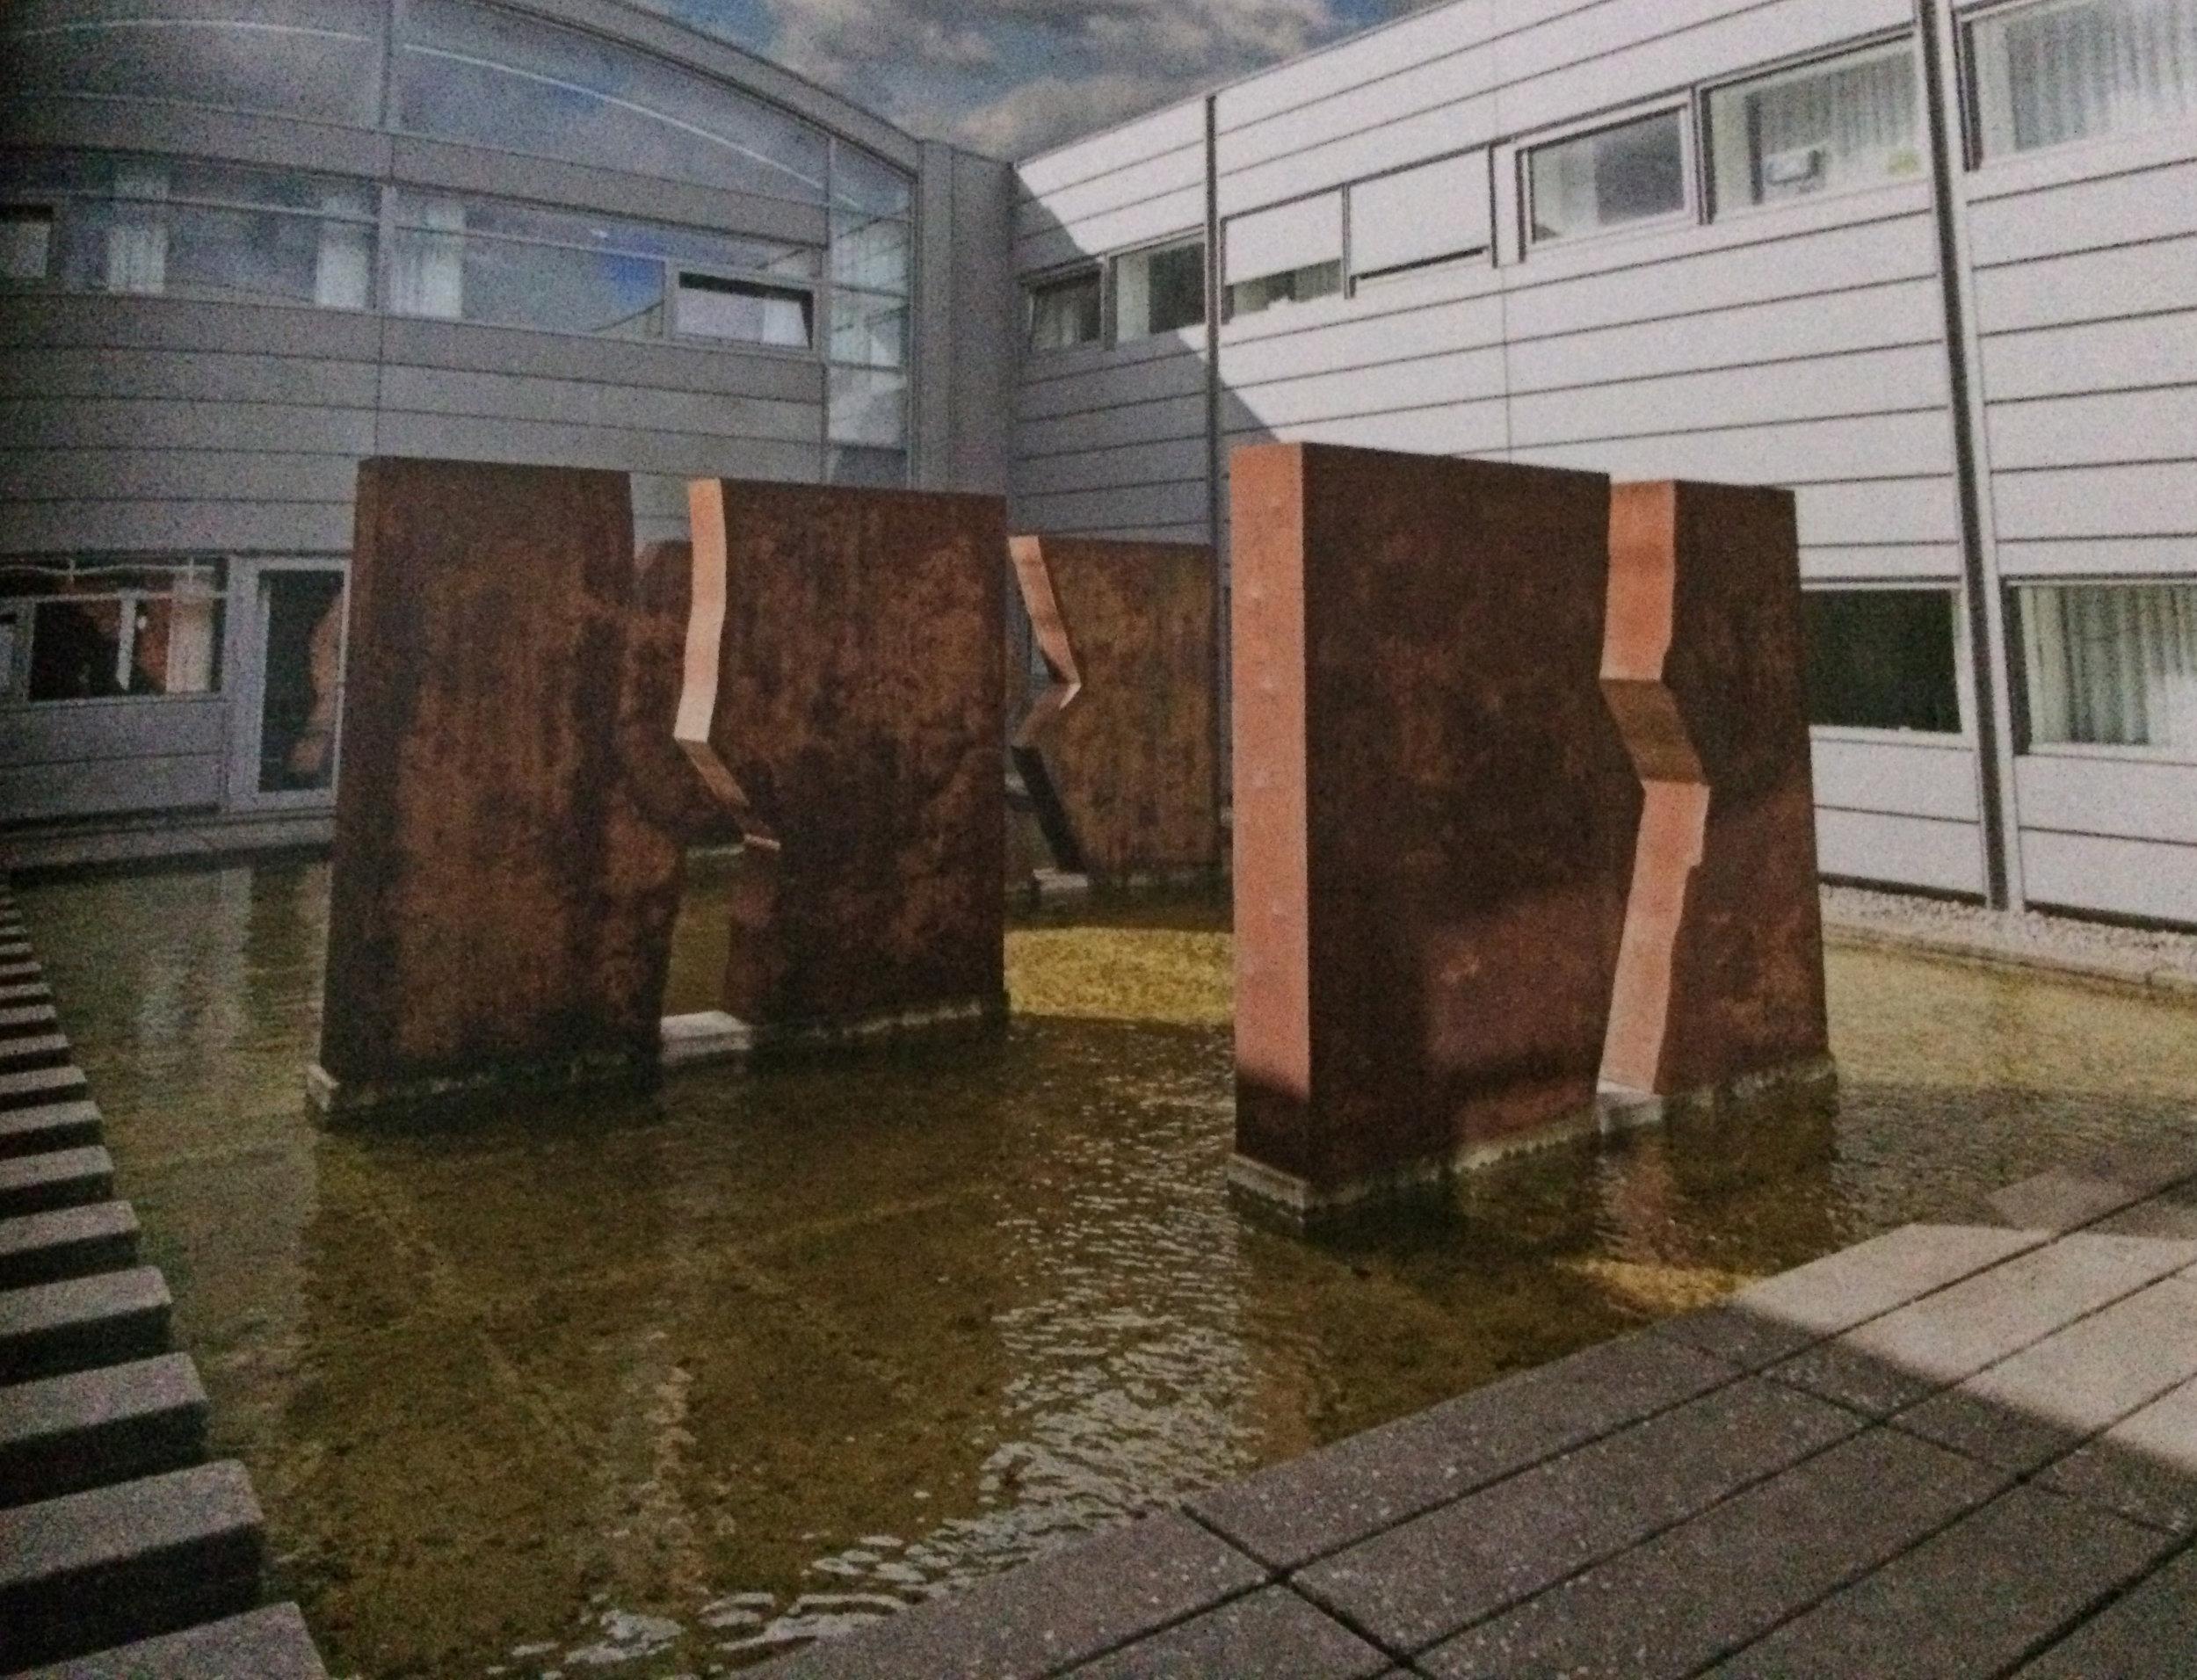 Skulptur i 8 dele. Tilhører Syddansk Universitet, Odense. 2001.